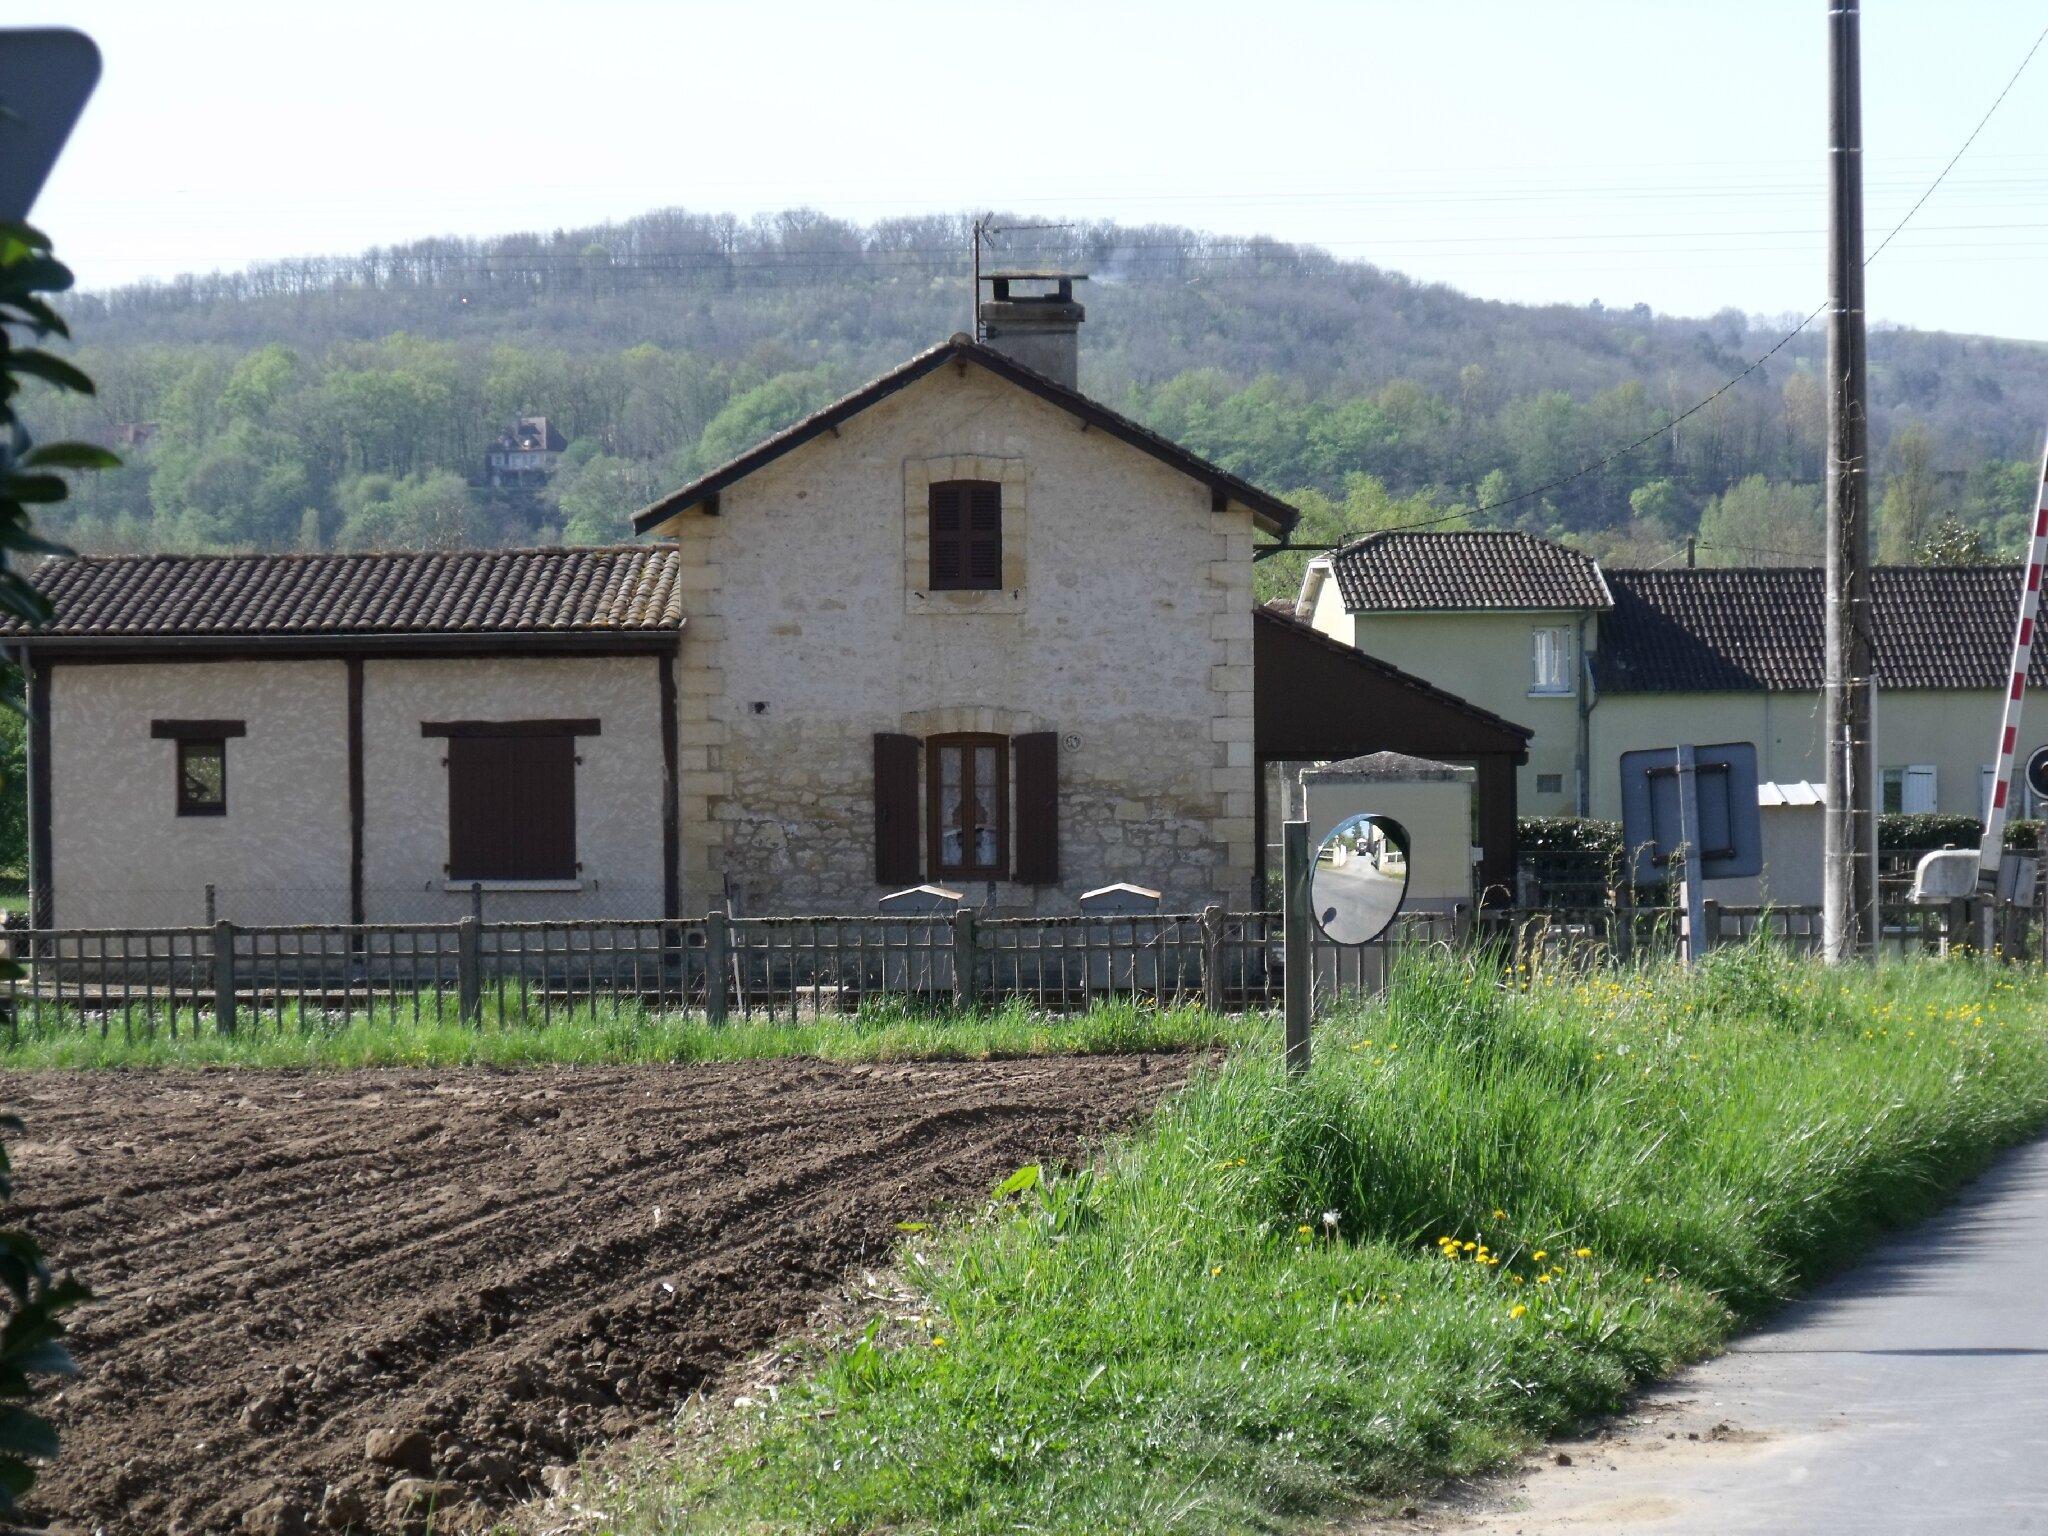 Saint-Vincent Bézenac (Dordogne - 24)